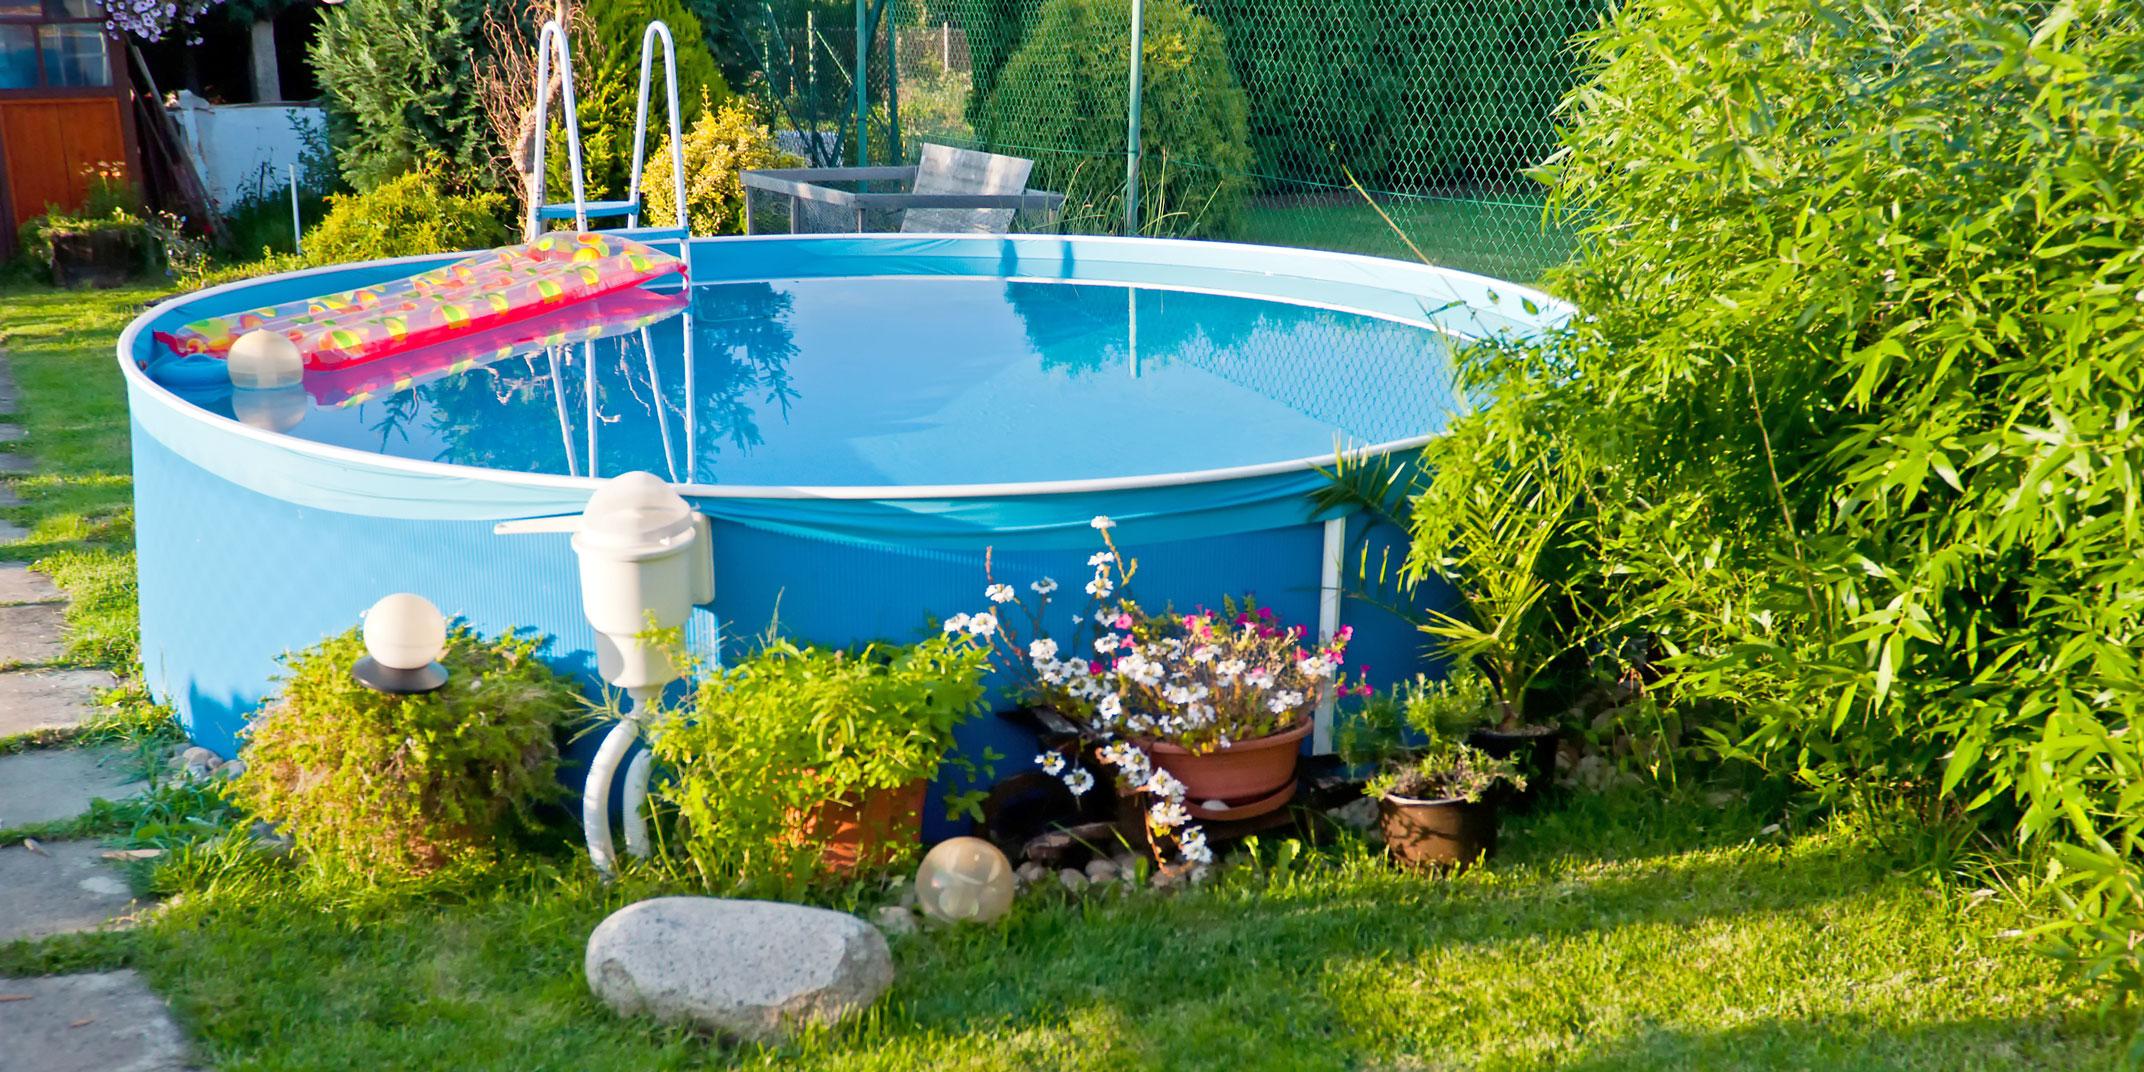 Full Size of Swimmingpools Zum Aufstellen Bersicht Bewässerungssysteme Garten Sichtschutz Wpc Loungemöbel Lounge Set Schaukelstuhl Jacuzzi Schallschutz Trennwände Velux Garten Garten Pool Guenstig Kaufen